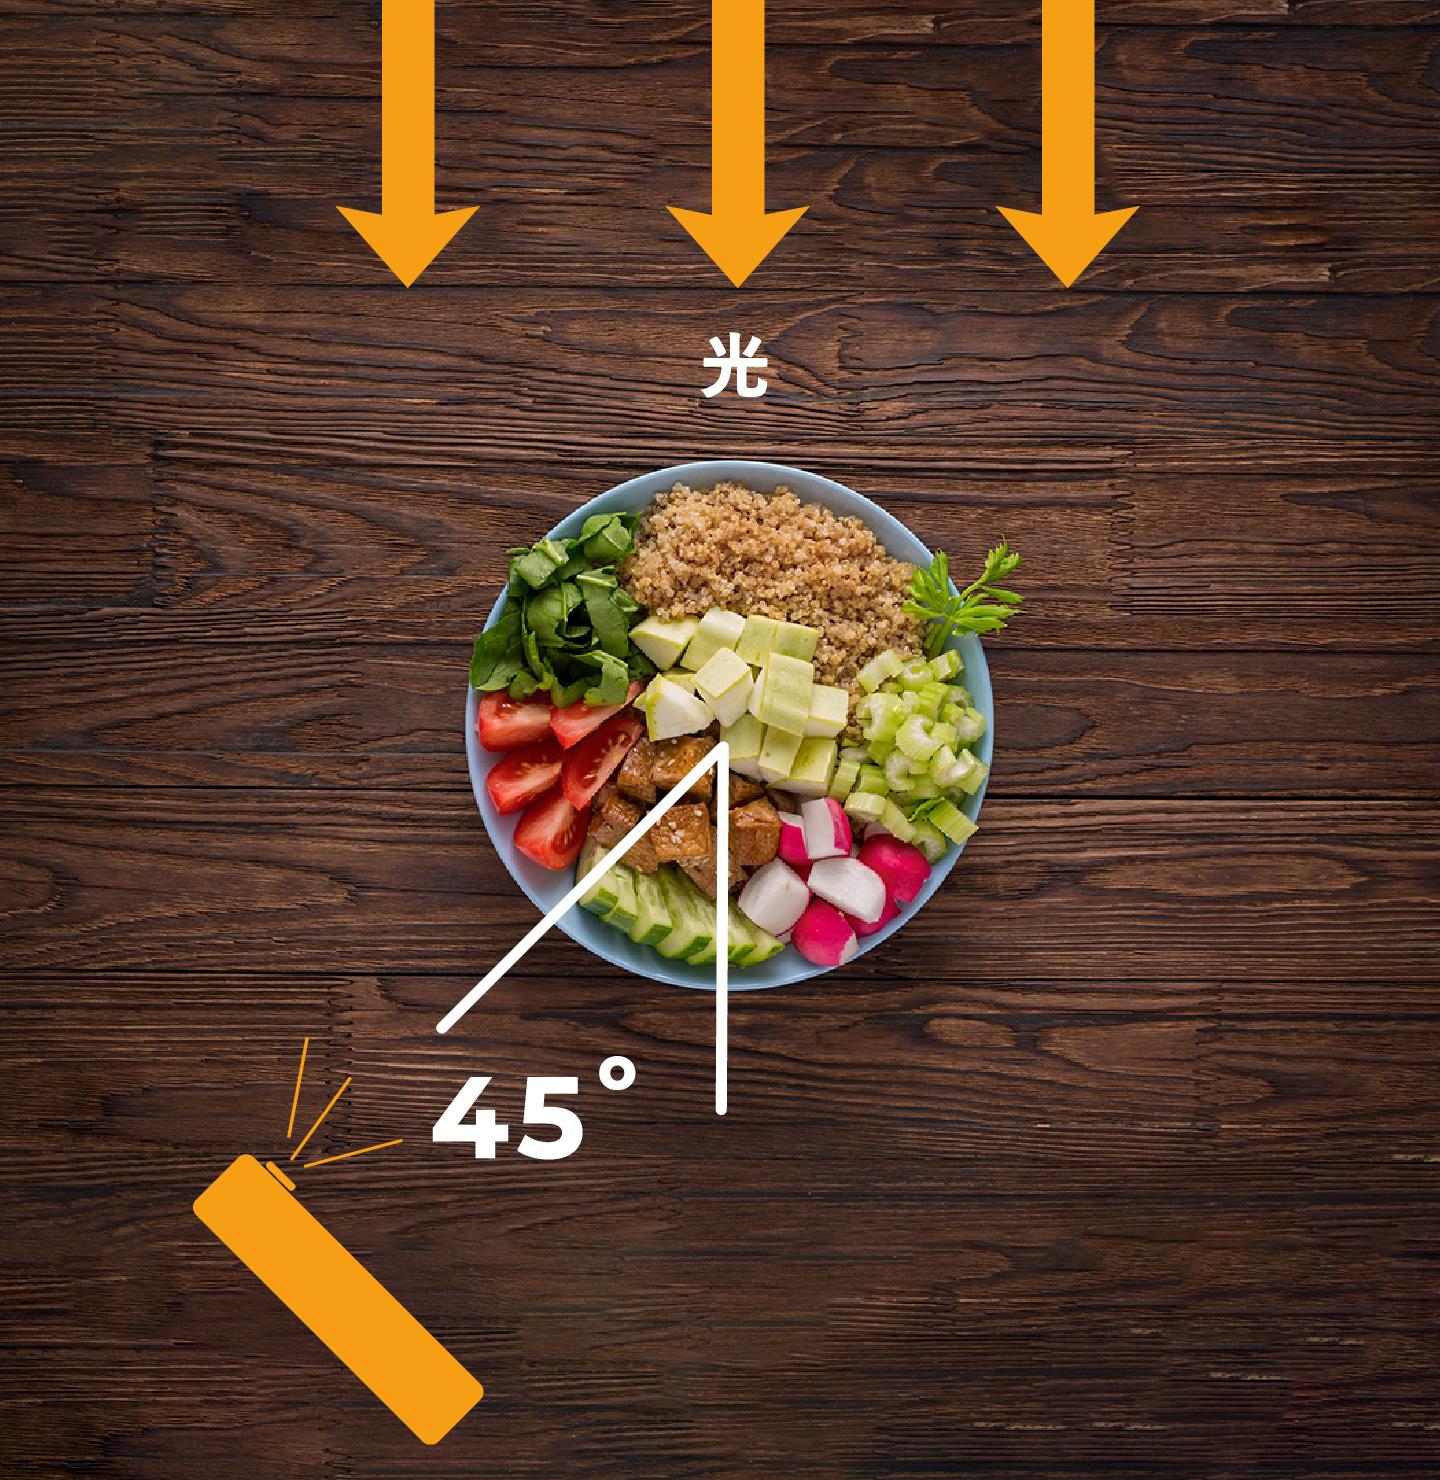 料理写真の入射光の角度